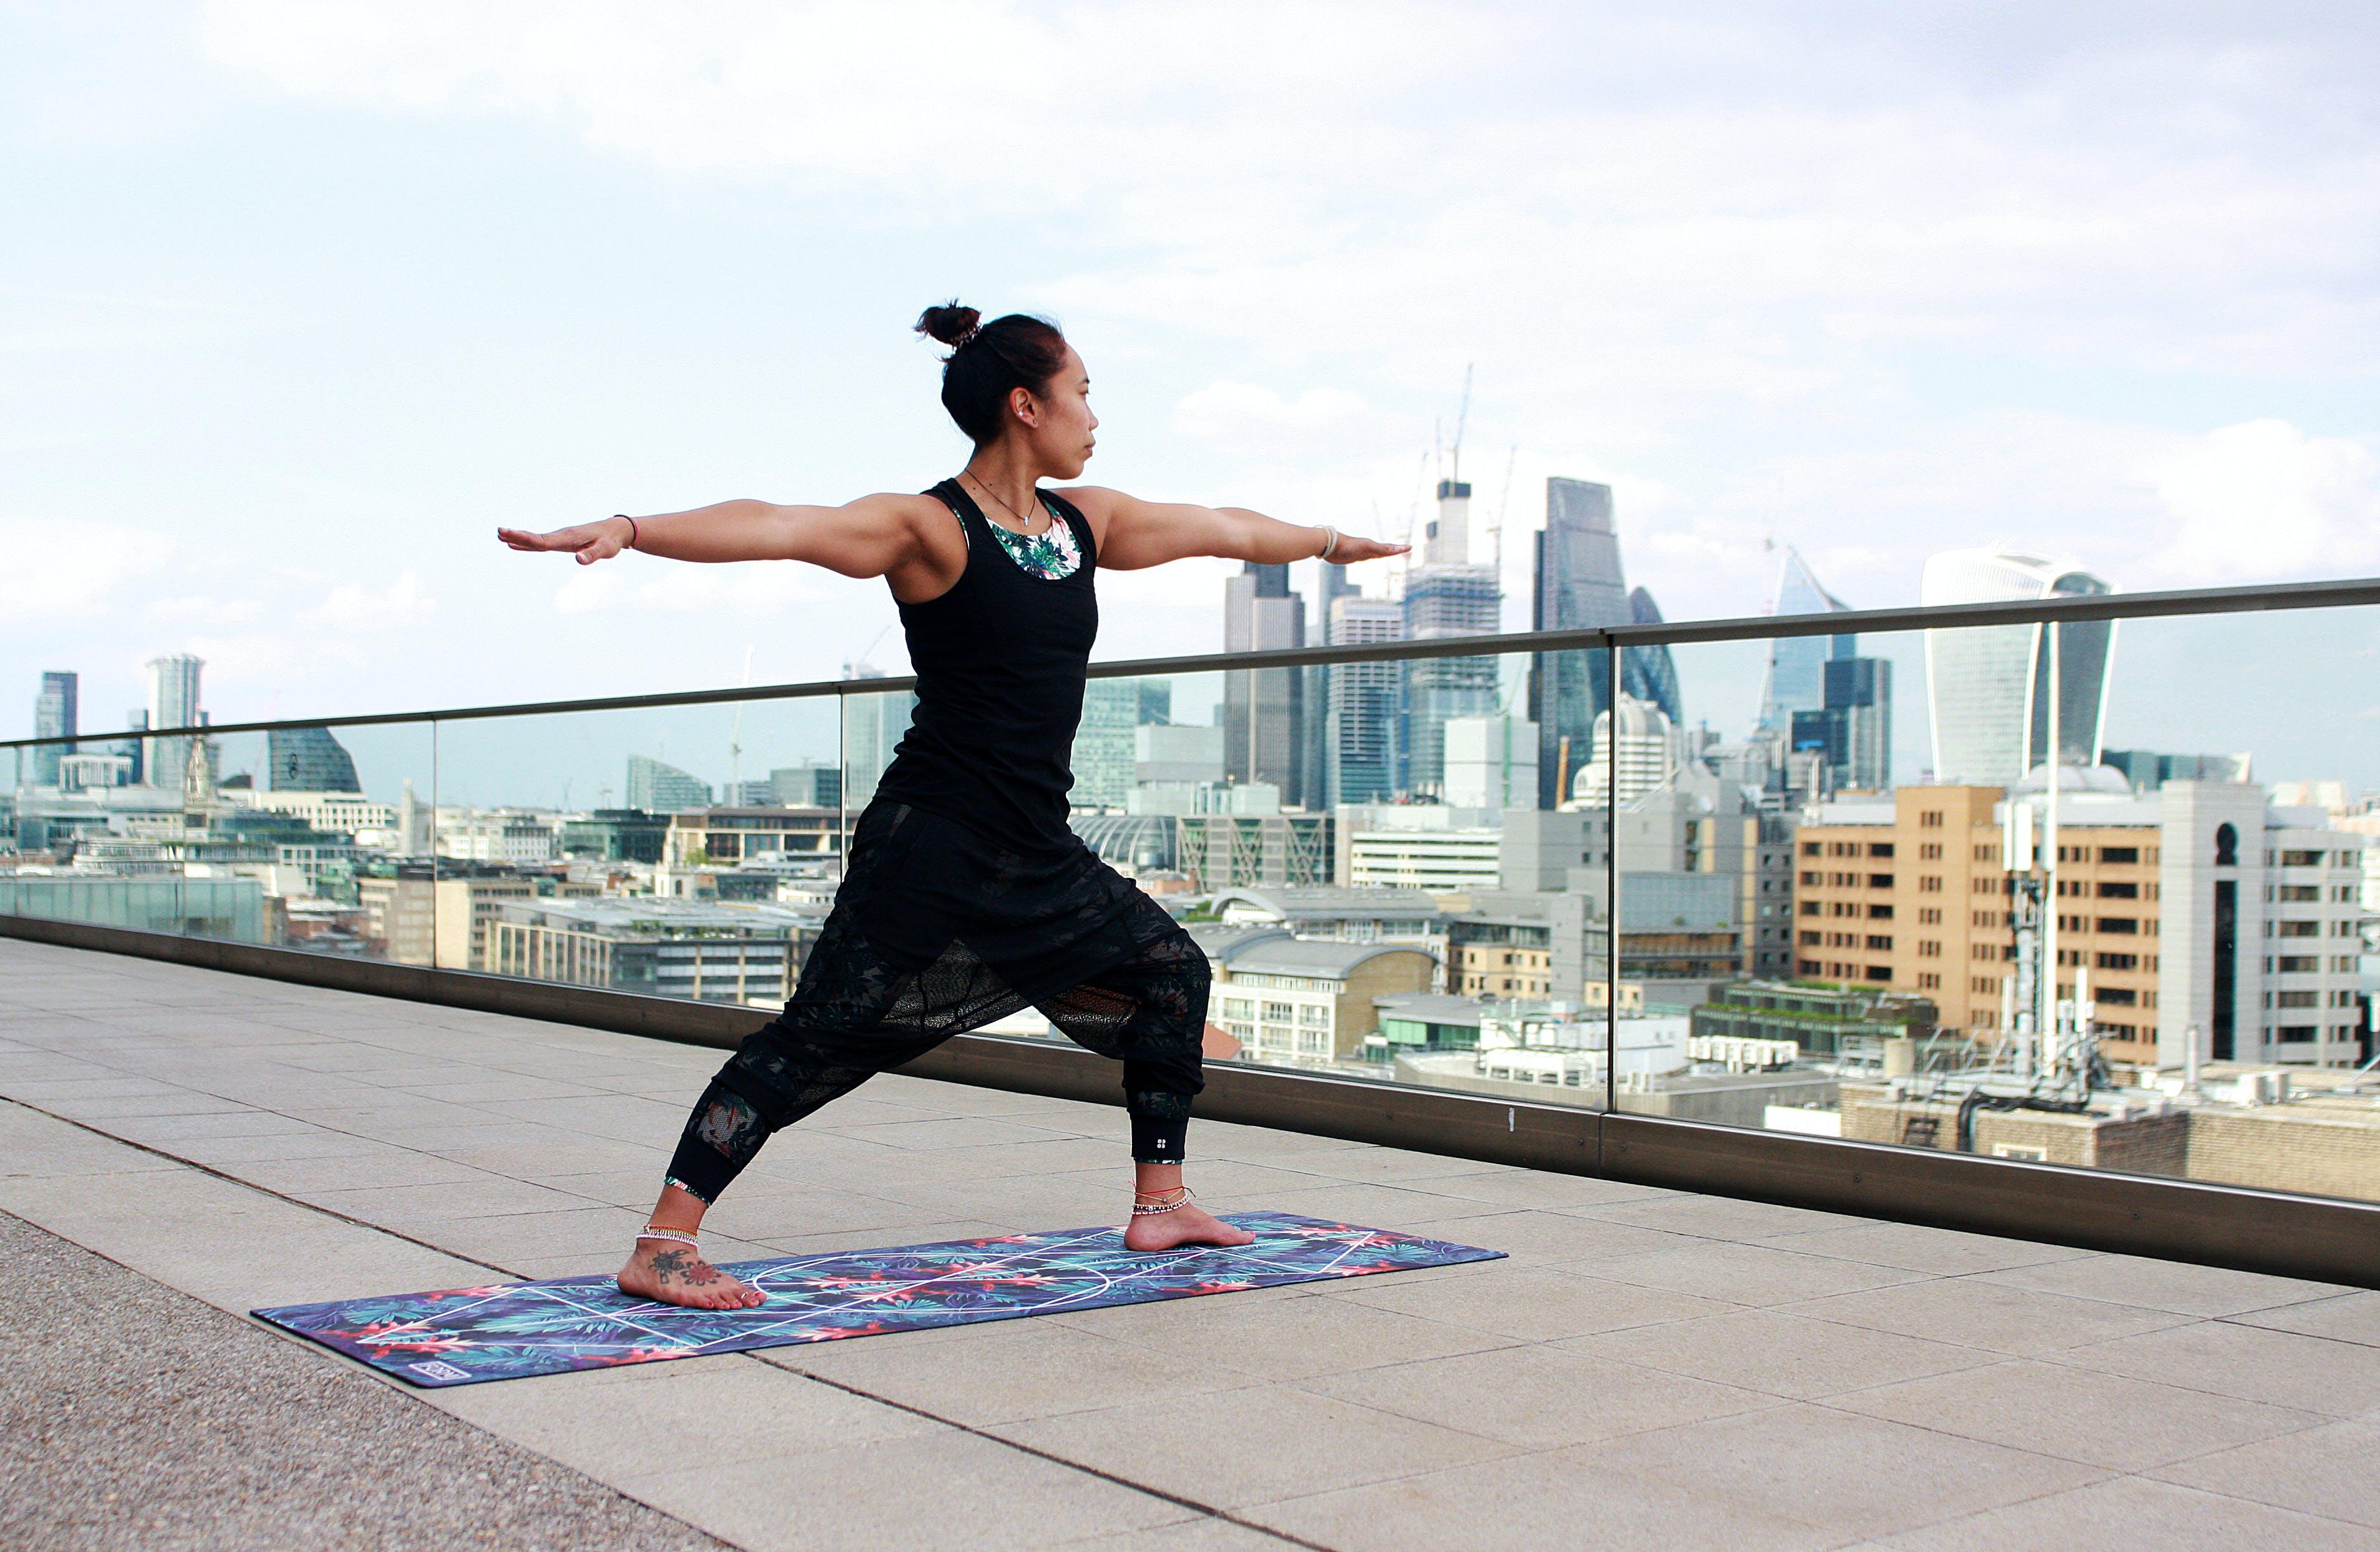 acro, Acro Yoga, asana, Avrupa içeren Ücretsiz stok fotoğraf